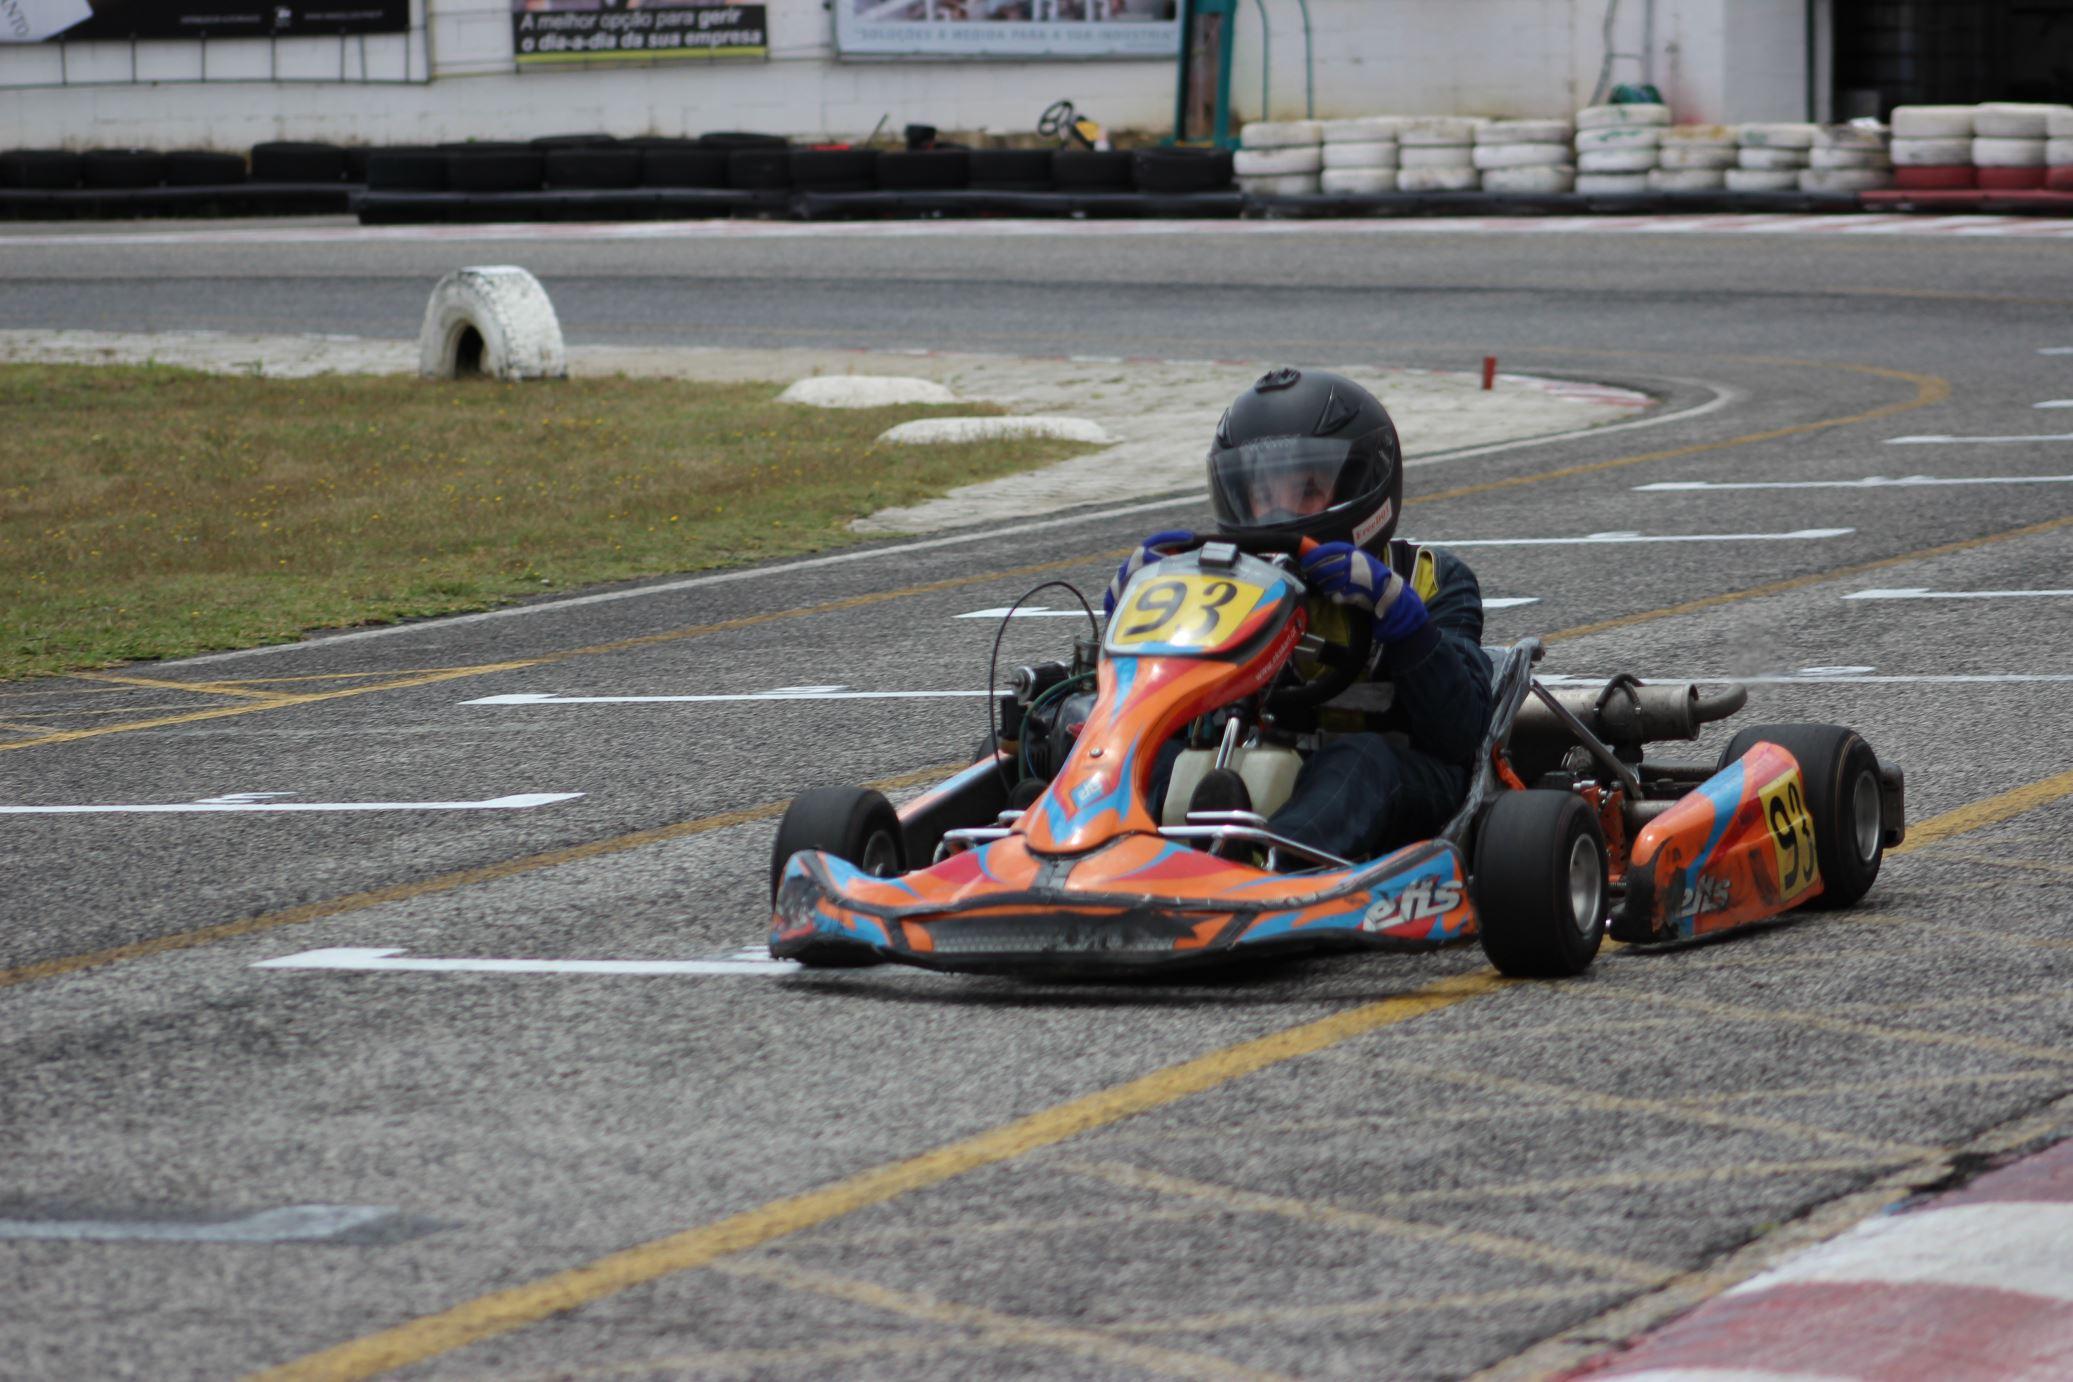 Troféu Honda 2014 - 2ª Prova172